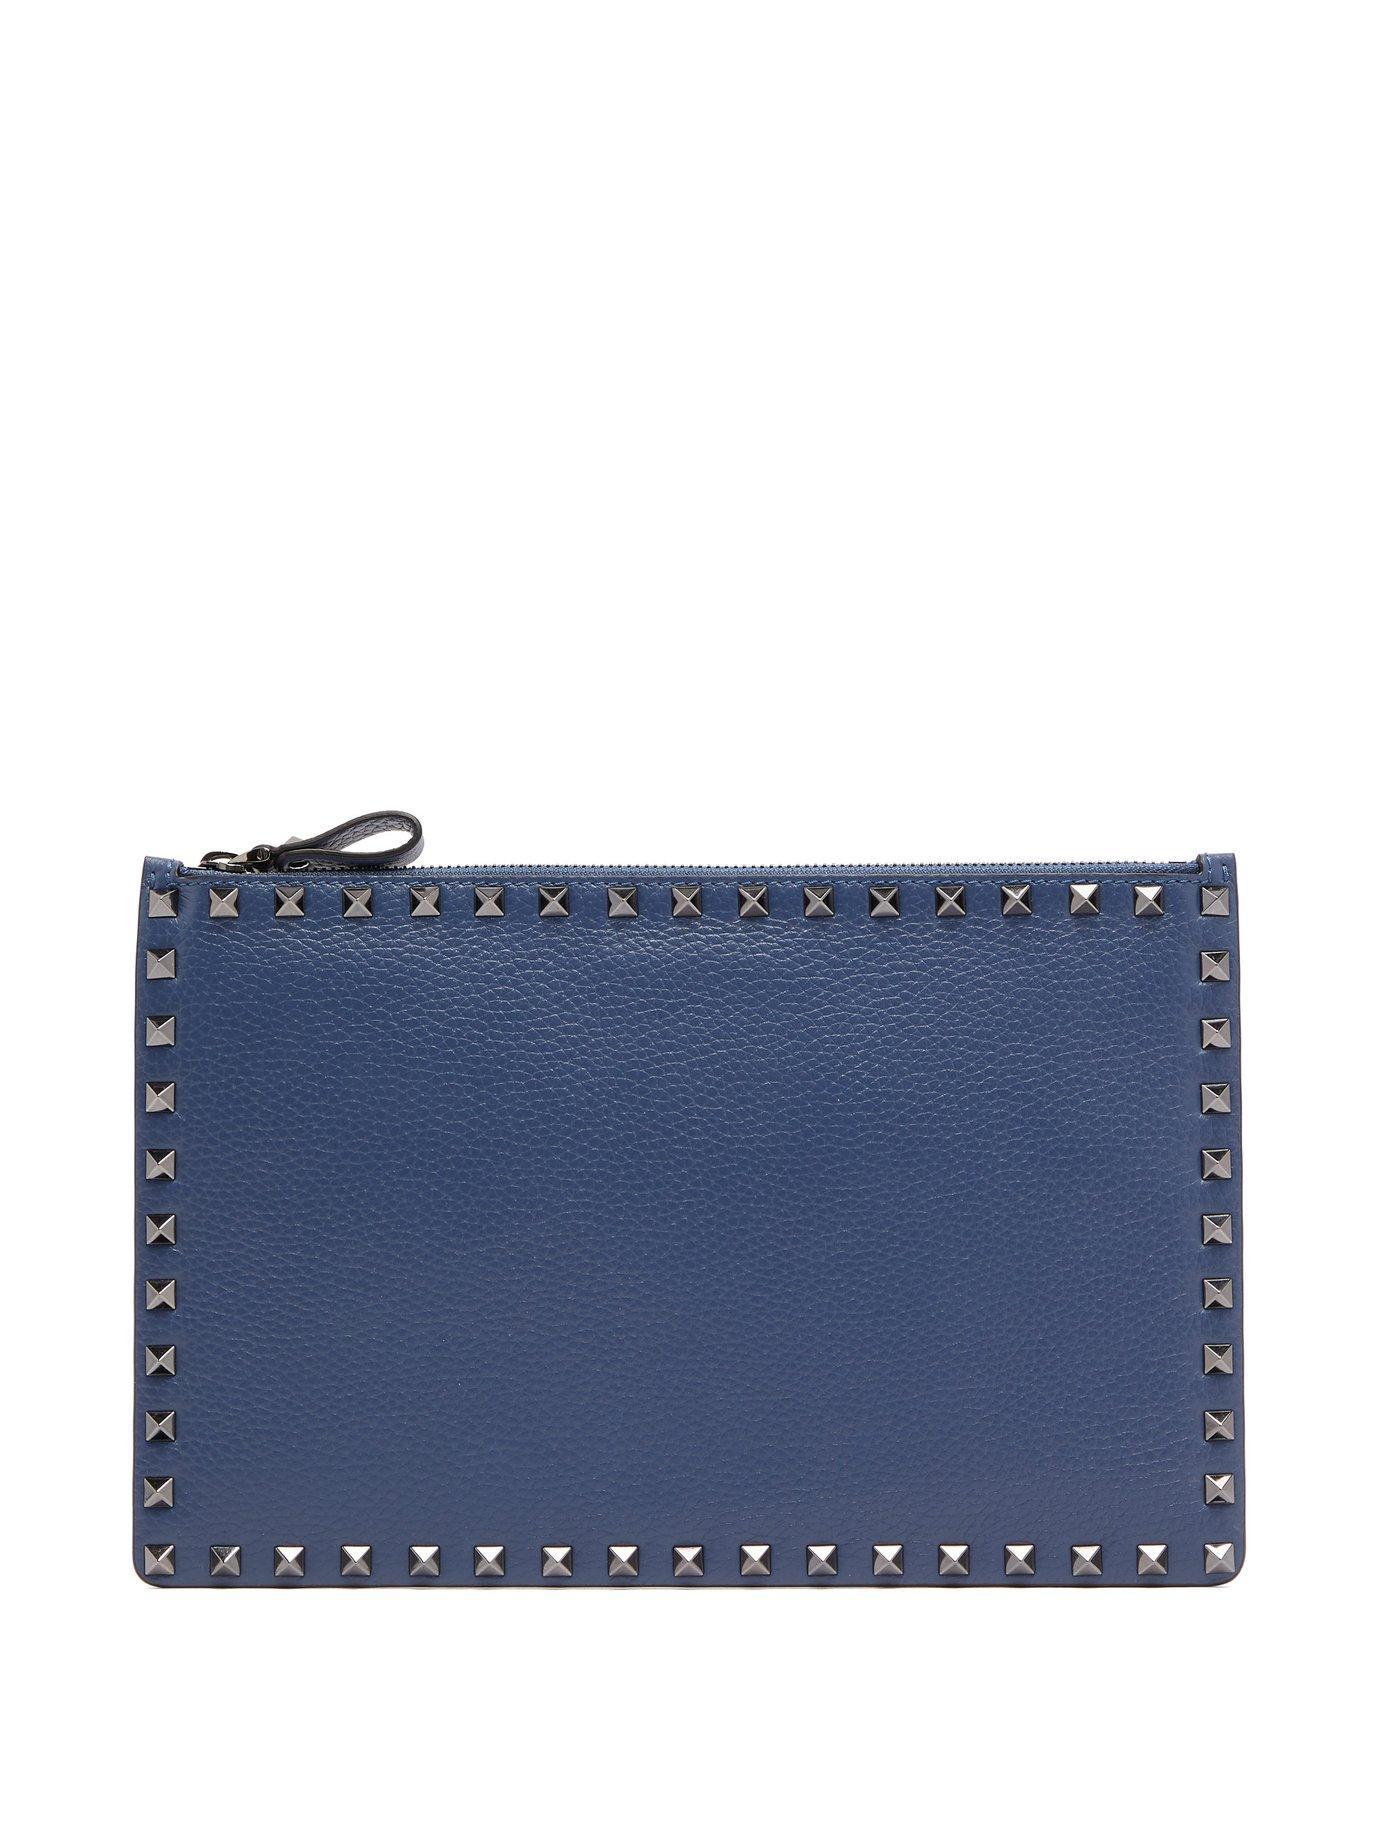 9e8f236f3c01 Valentino Rockstud Pebbled-Leather Pouch In Indigo | ModeSens